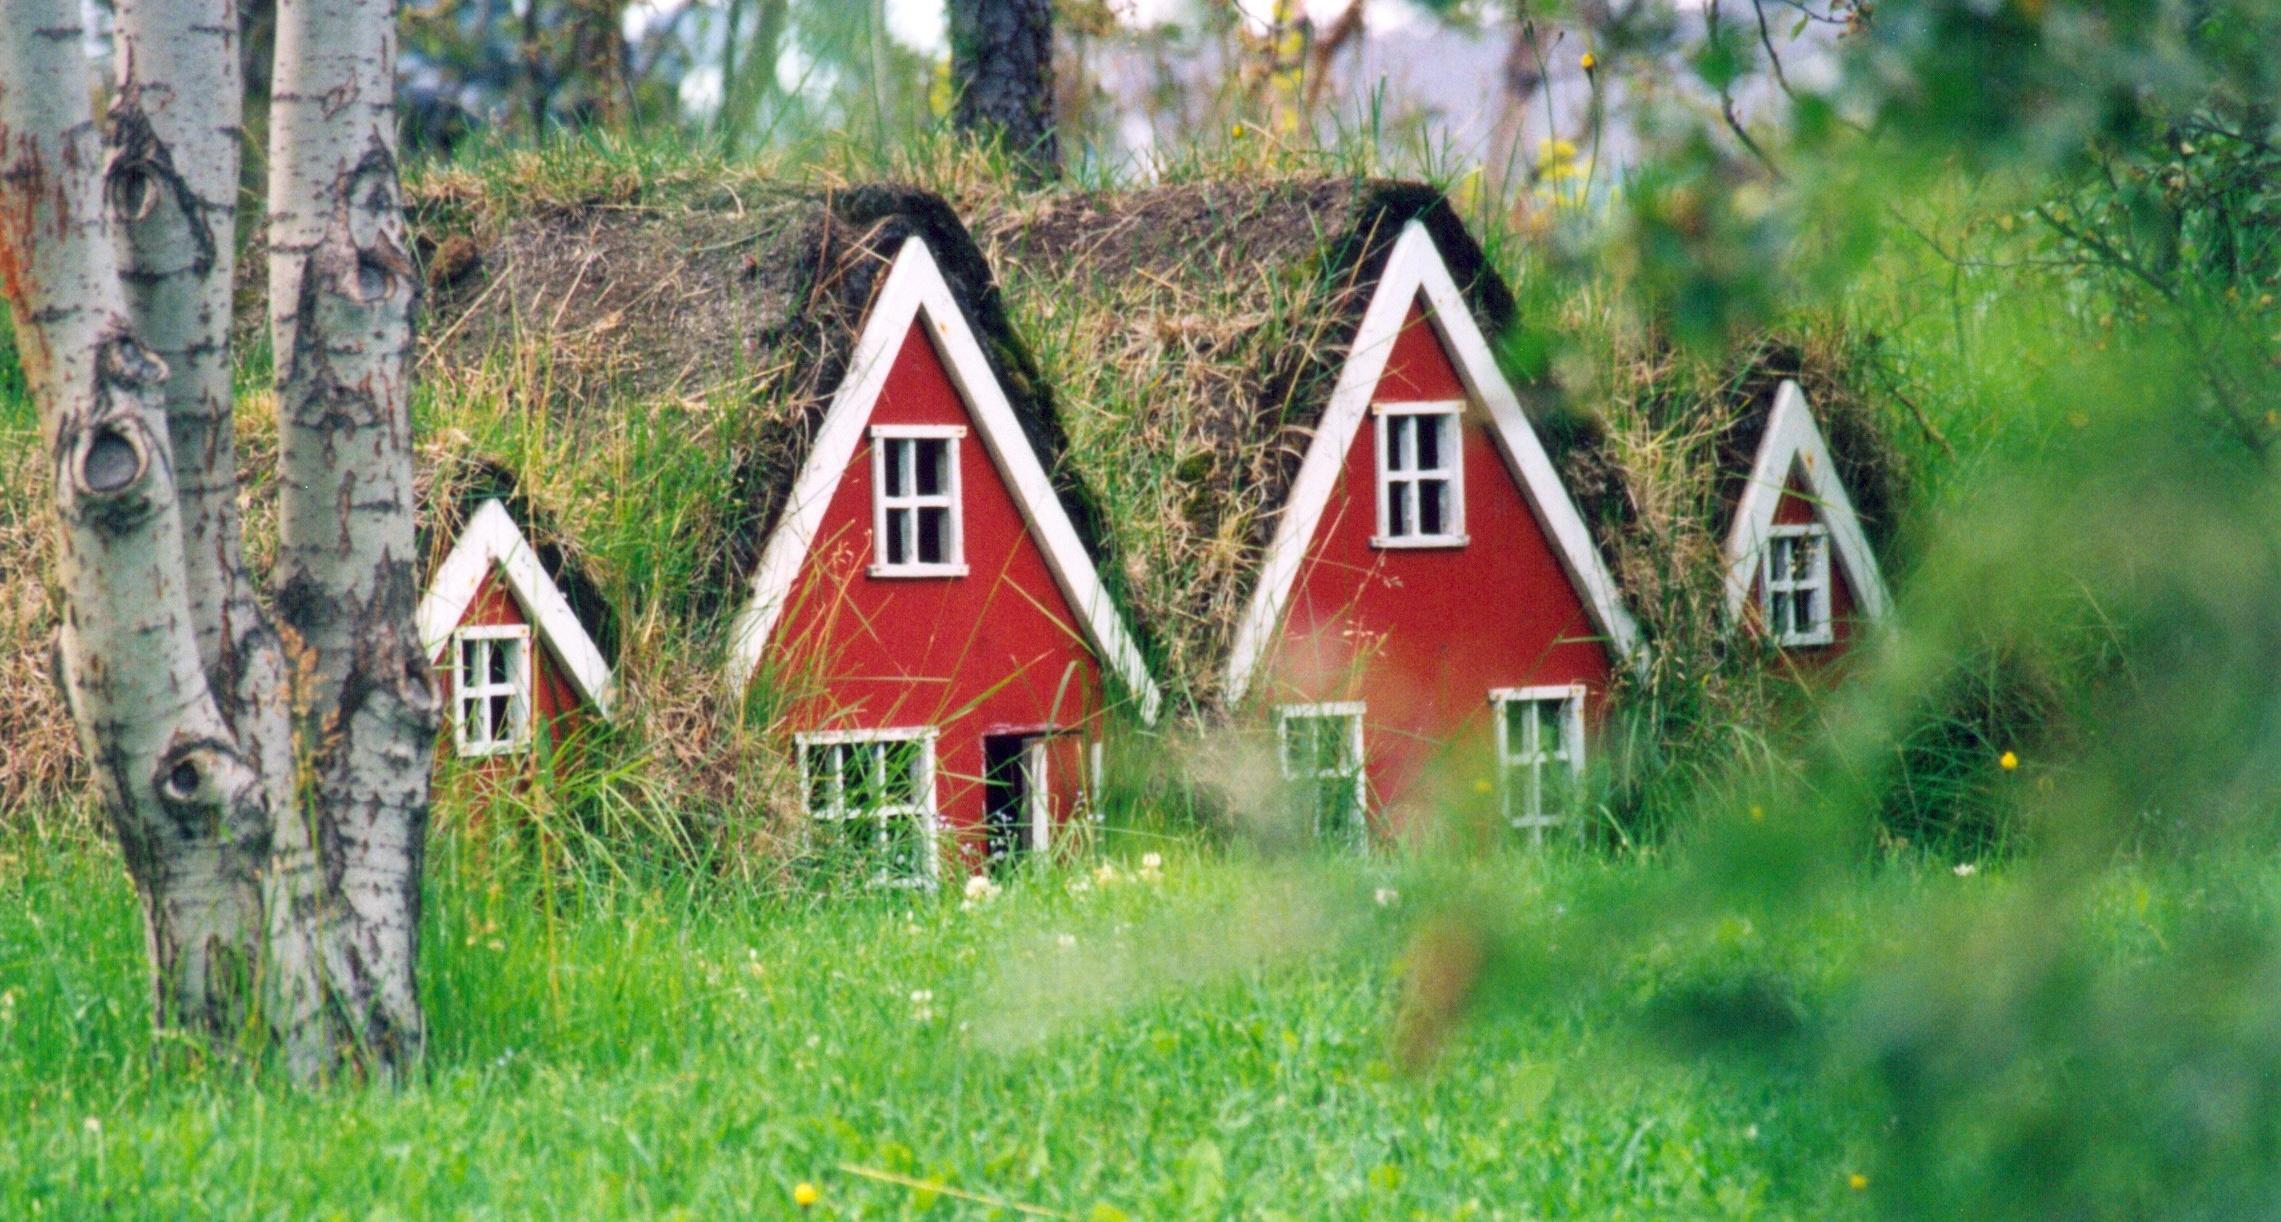 nuovo concetto di casa raccontato in casaoggidomani